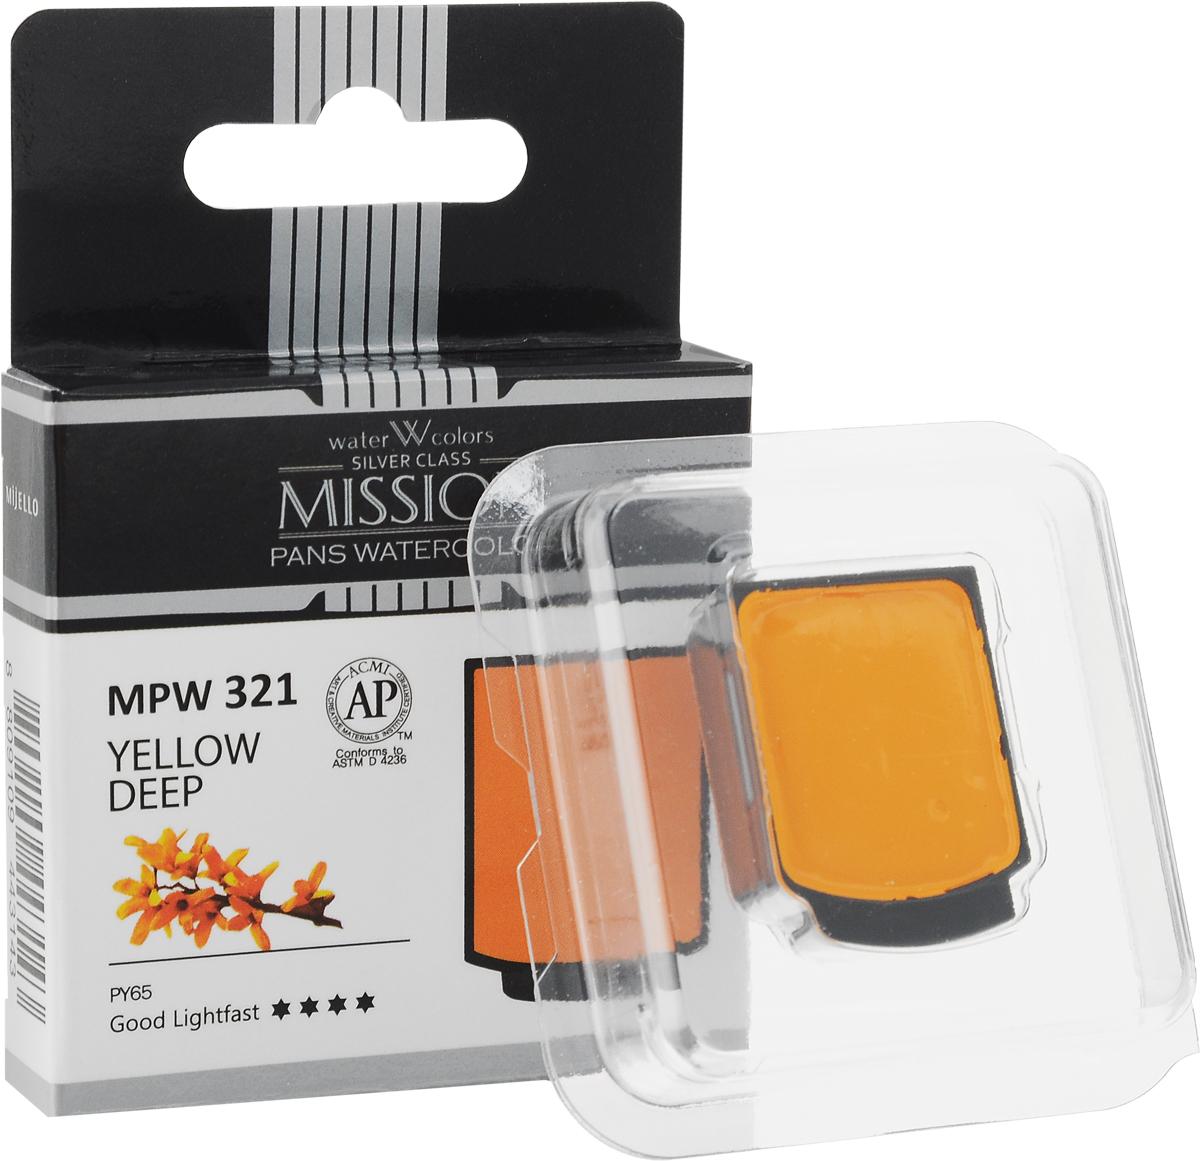 Mijello Акварель Mission Silver Pan 321 Желтый темный 2 мл MPW-321MWC-W568Серия акварельных красок Корейского производителя Mijello - Mission Silver это студийная серия красок. Эта серия акварели была создана компанией Mijello в сотрудничестве с экспертами в области акварельной живописи. В этой серии идеально сочетается цена и качество красок, что позволяет ей быть востребованной среди большого количества художников. Цвета акварели серии Mission Silver это смеси пигментов тонкого помола с высококачественными компонентами и гуммиарабиком. Эти краски предлагаются в кюветах. Максимальное количество цветов в этой серии - 24цв Используйте краски Mijello серии Mission Silver для акварельной живописи по мокрому, они идеально подойдут для подобной техники работы с акварелью. Акварель Mijello Mission White будет отличным выбором как начинающему художнику, так и профессионалу.